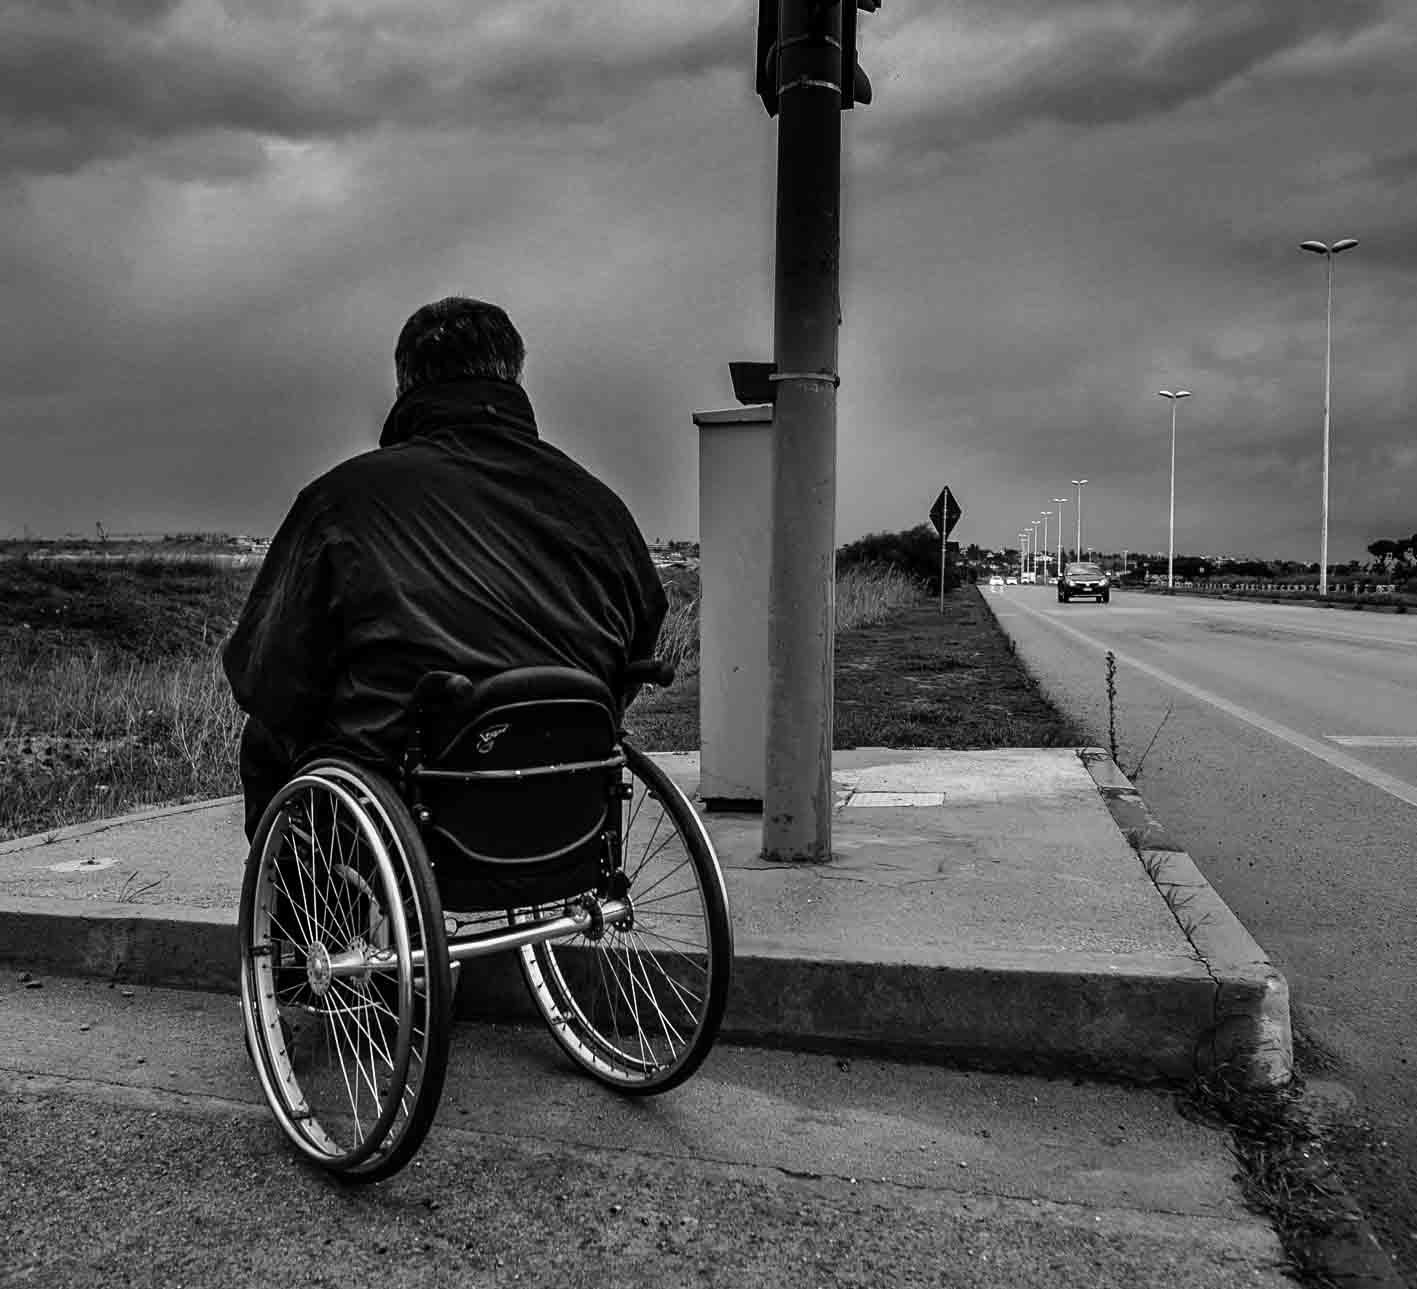 Disabilità e accessibilità, Cagliari al 49esimo posto per vivibilità. Sassari 74esima